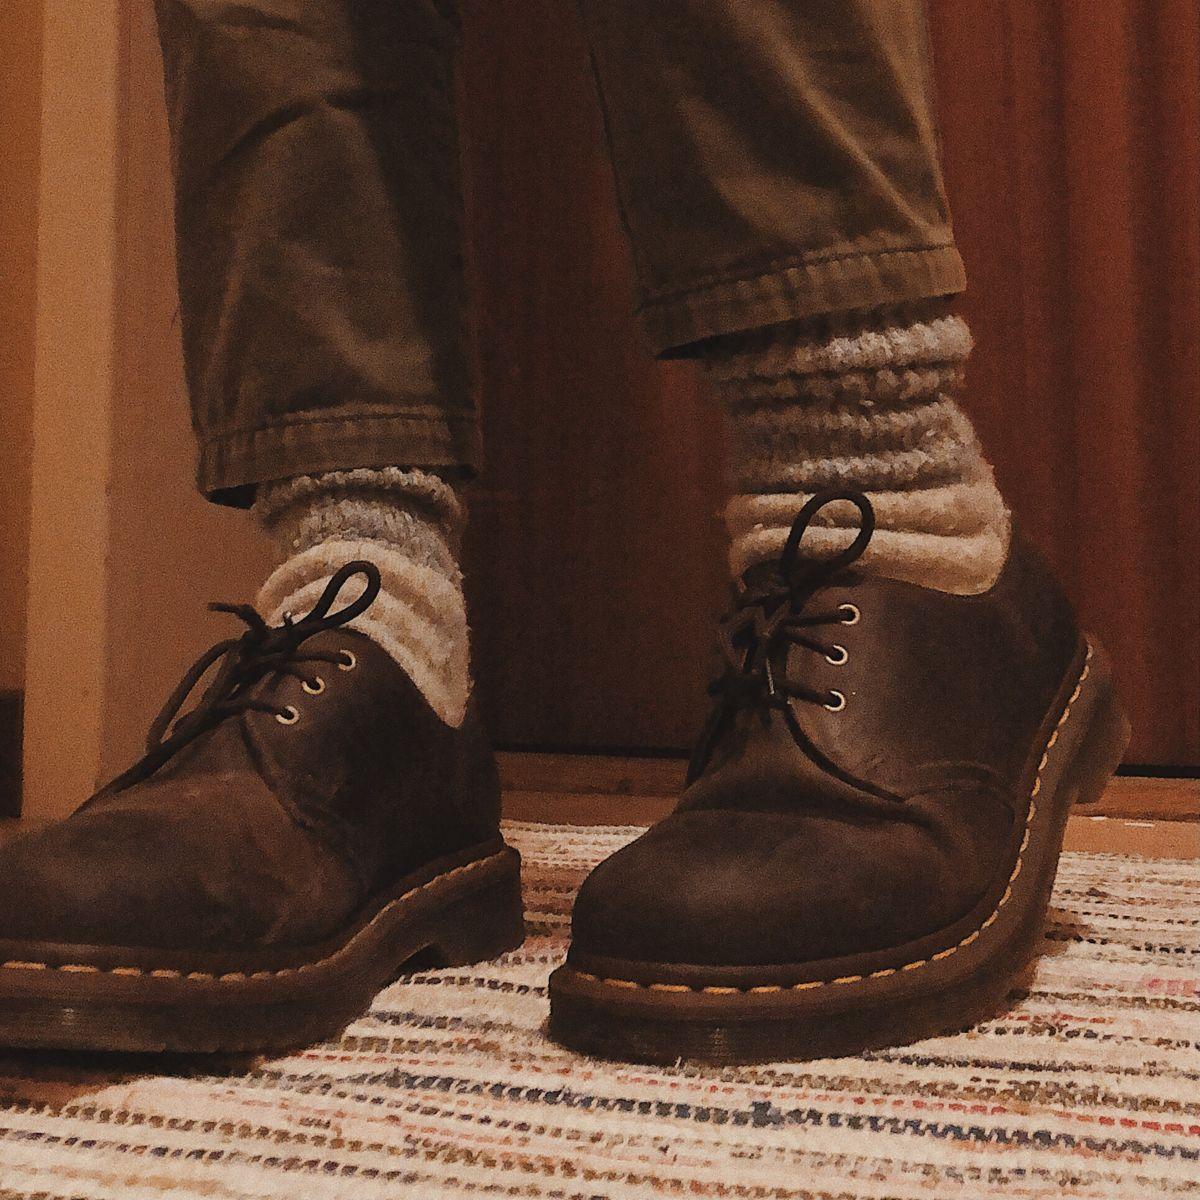 không thể thiếu sự kết hợp với những đôi giày da sang trọng và cổ điển